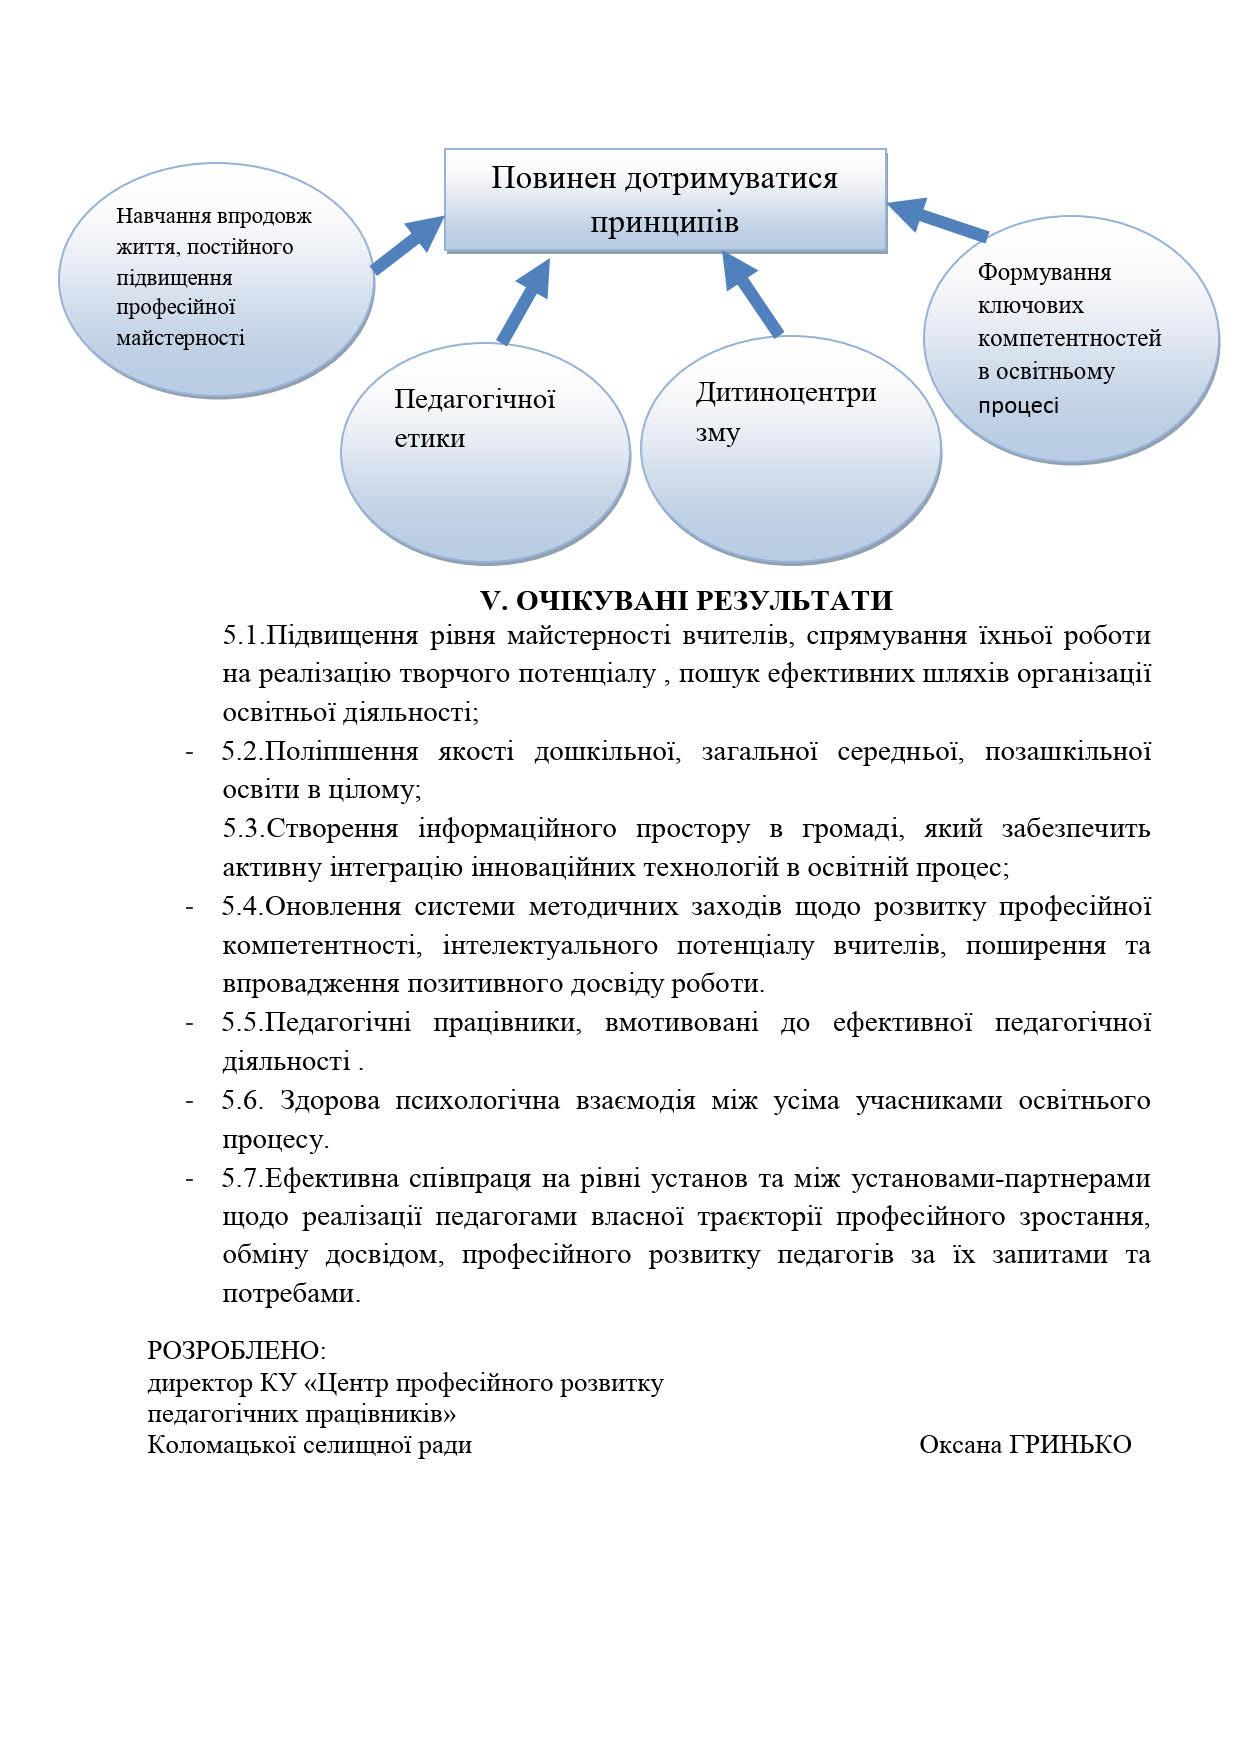 Microsoft Word - стратегія розвитку ЦПРПП_9